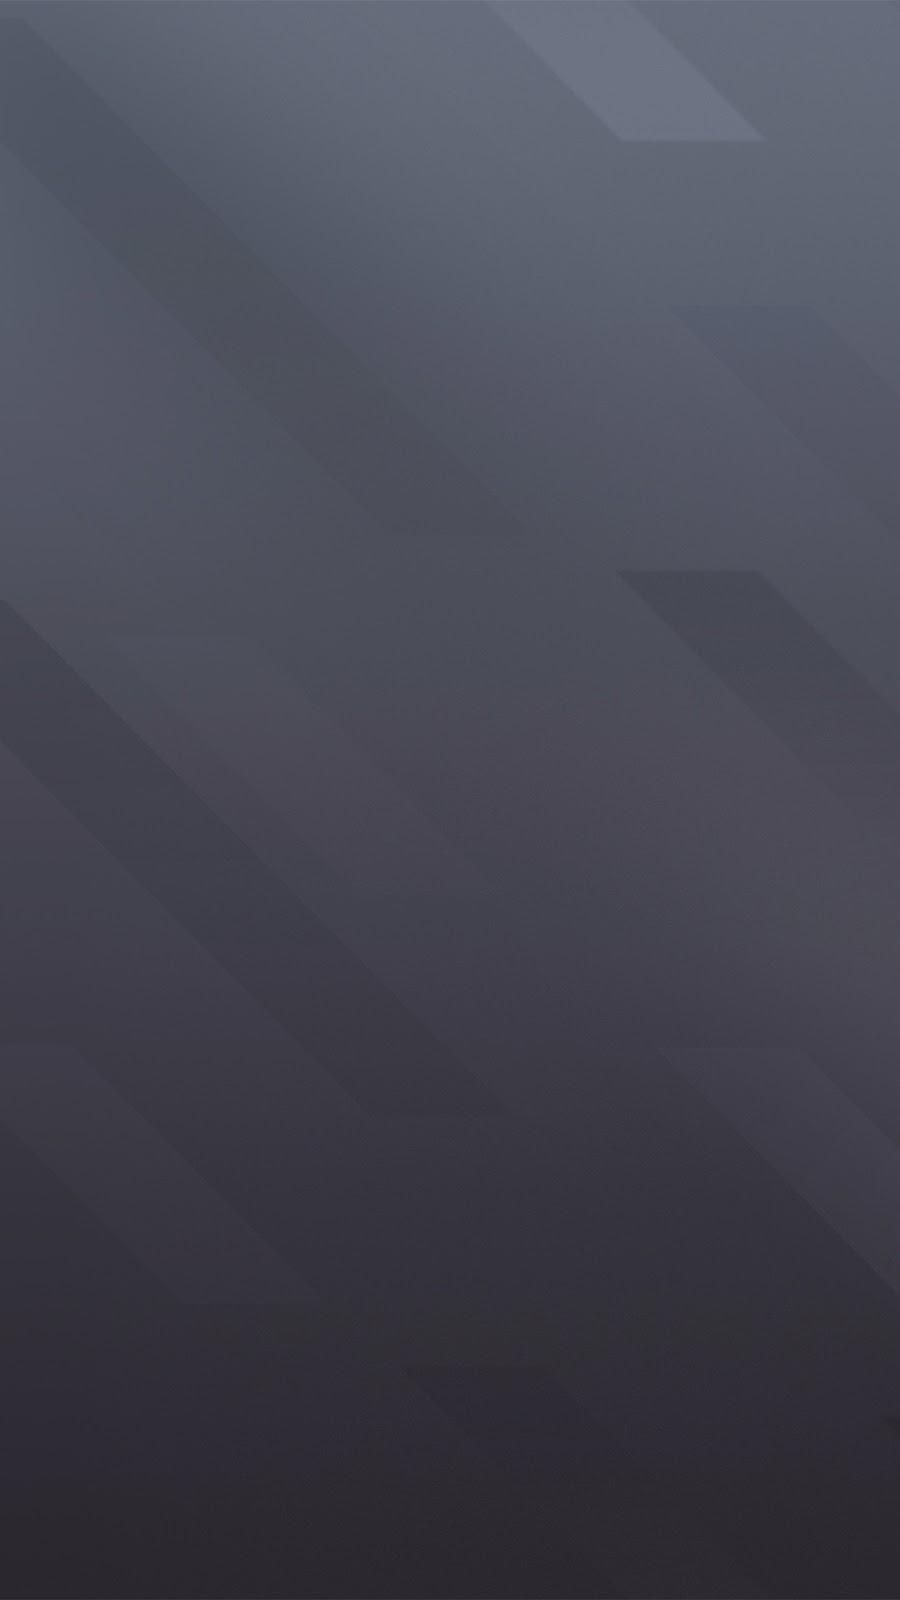 Stock Meizu M2 Note Wallpapers | Xiaomi Smartphones Wallpapers